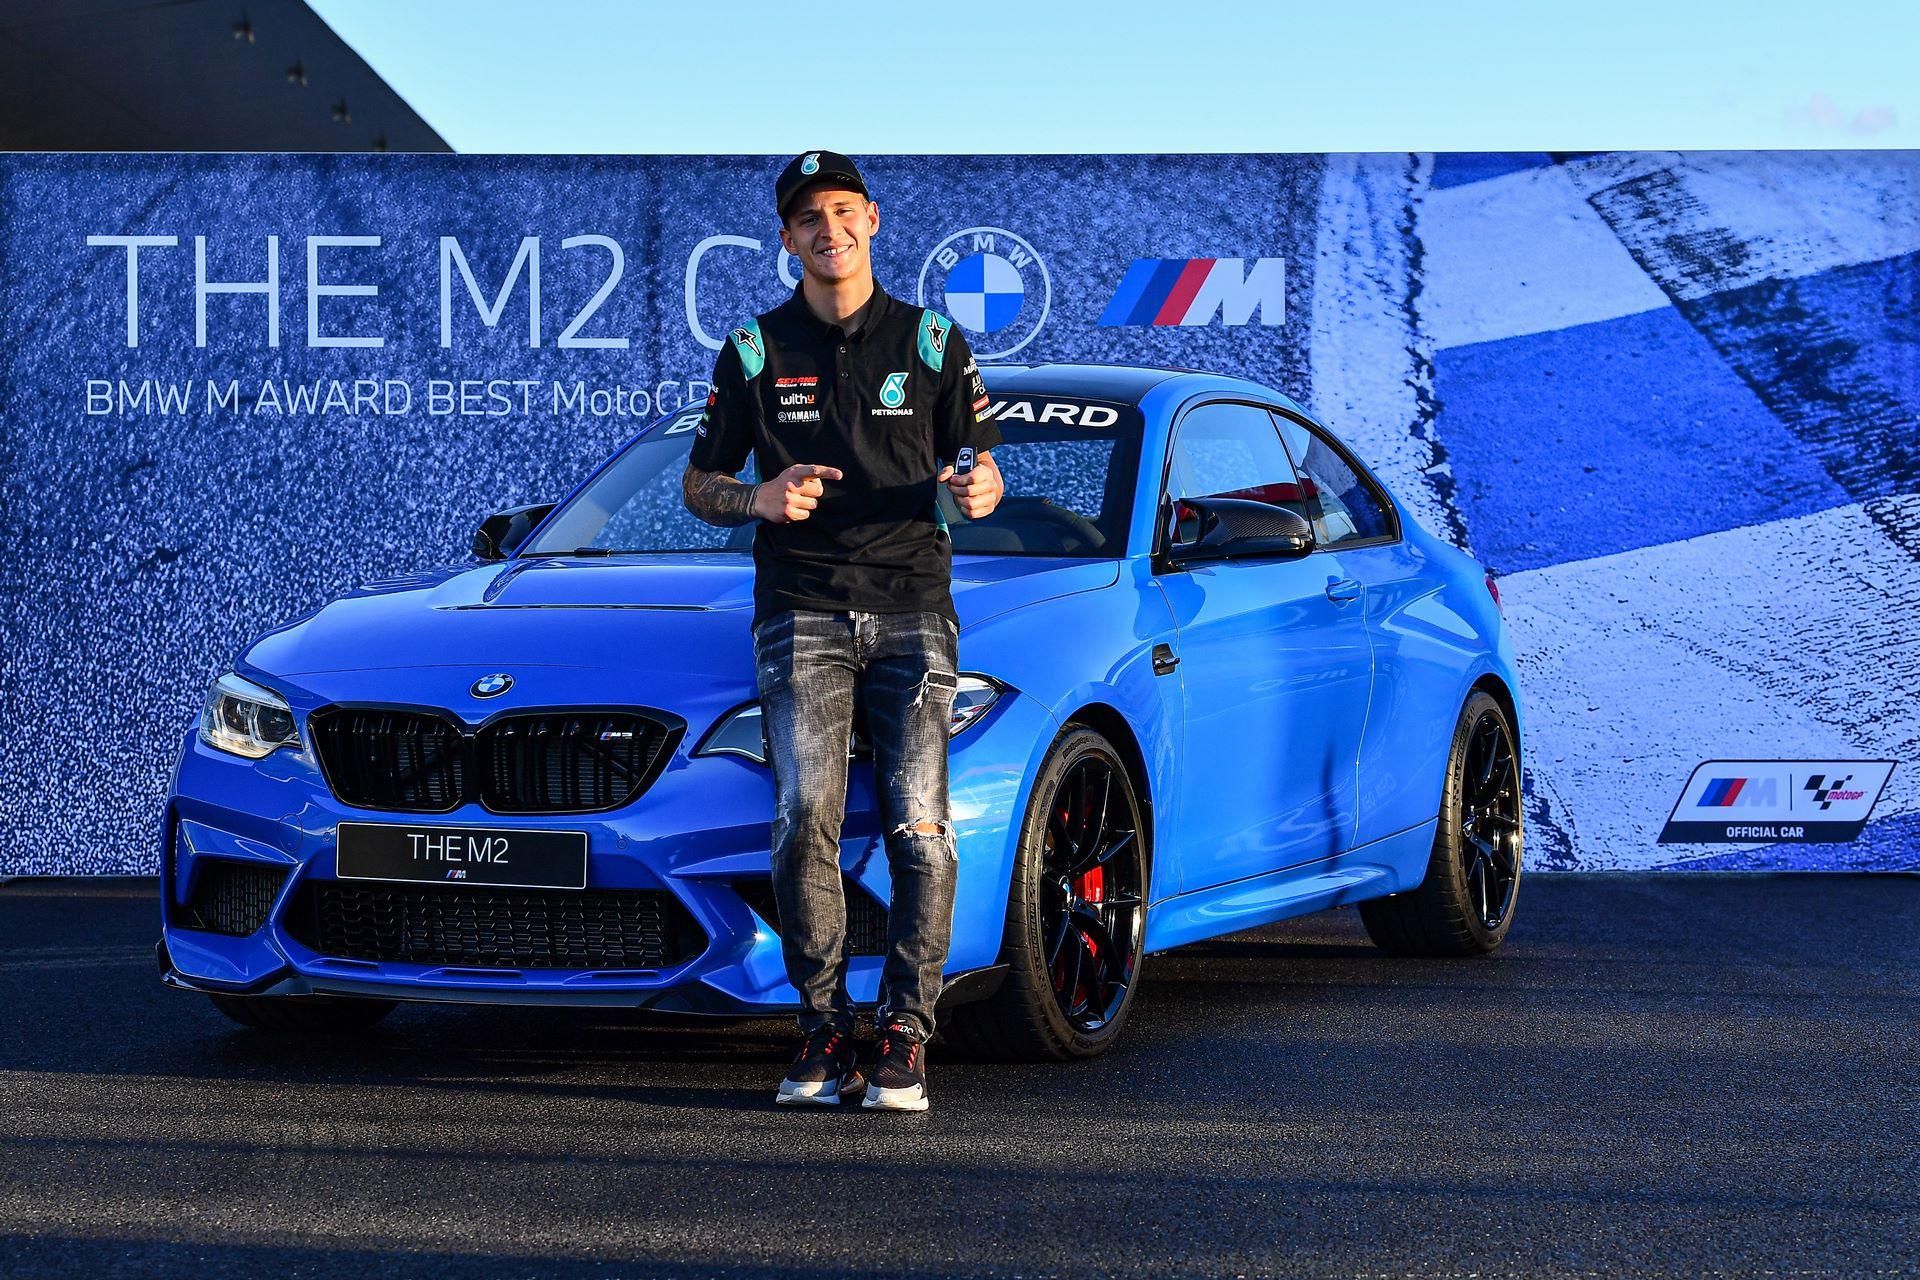 BMW-M2-CS-Fabio-Quartararo-2